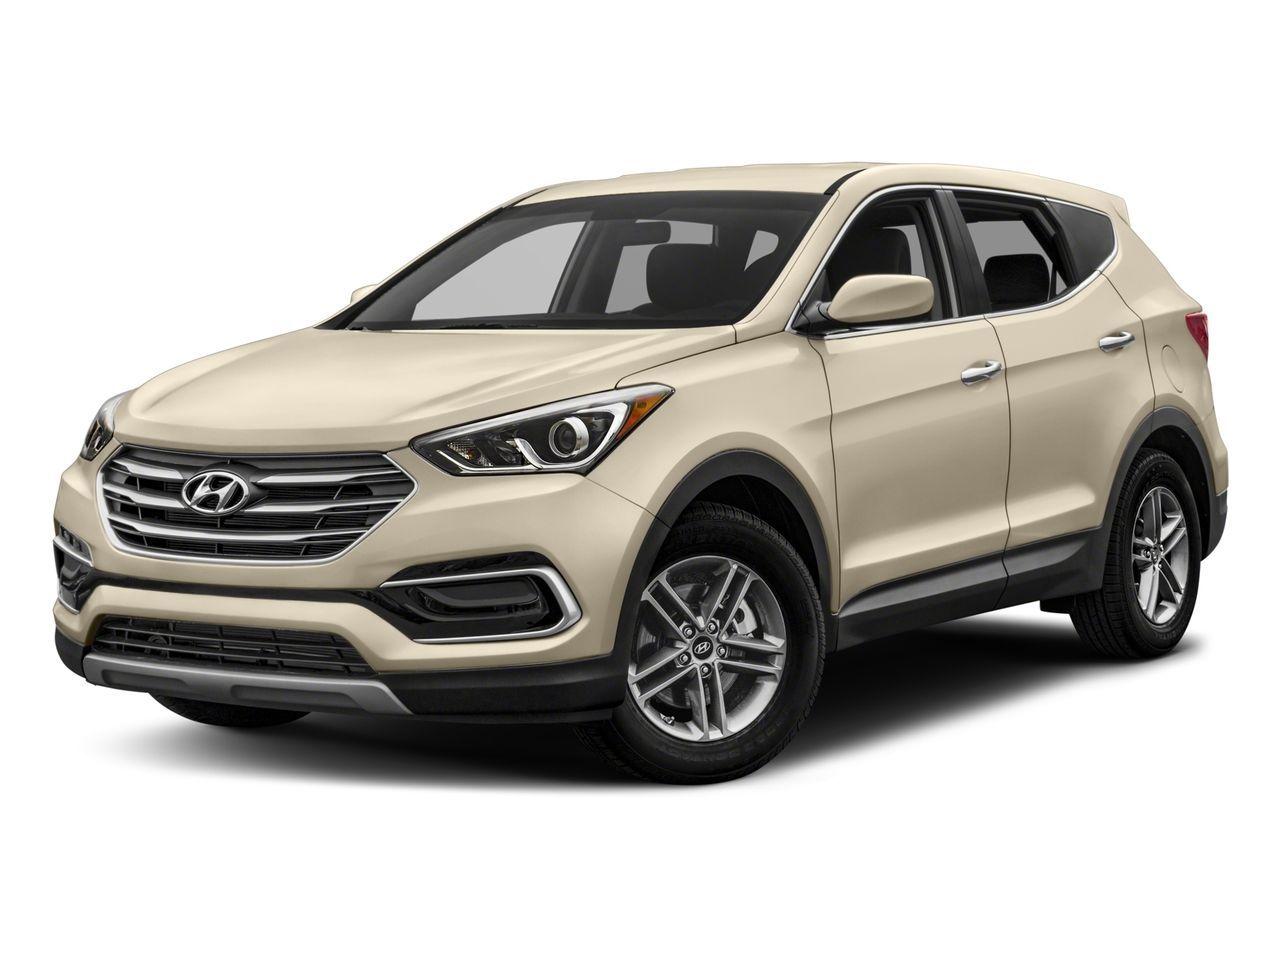 Hyundai Santa Fe Sport 2018 4door SUV Hyundai santa fe